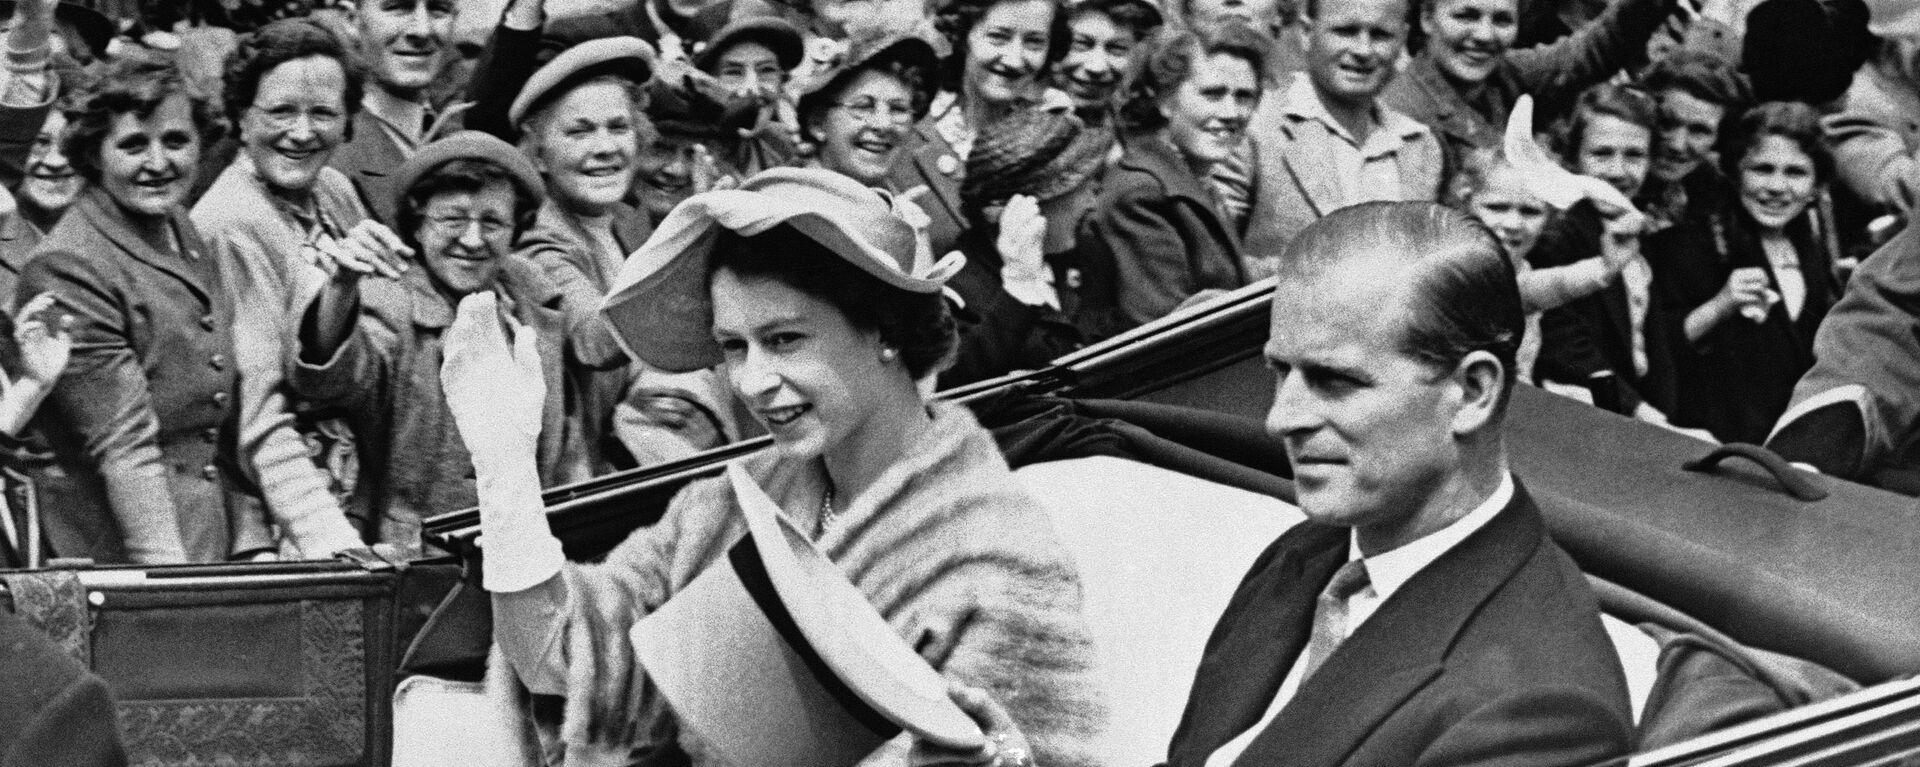 La reina Isabel II y el príncipe Felipe, duque de Edimburgo, en junio de 1952 - Sputnik Mundo, 1920, 18.01.2021